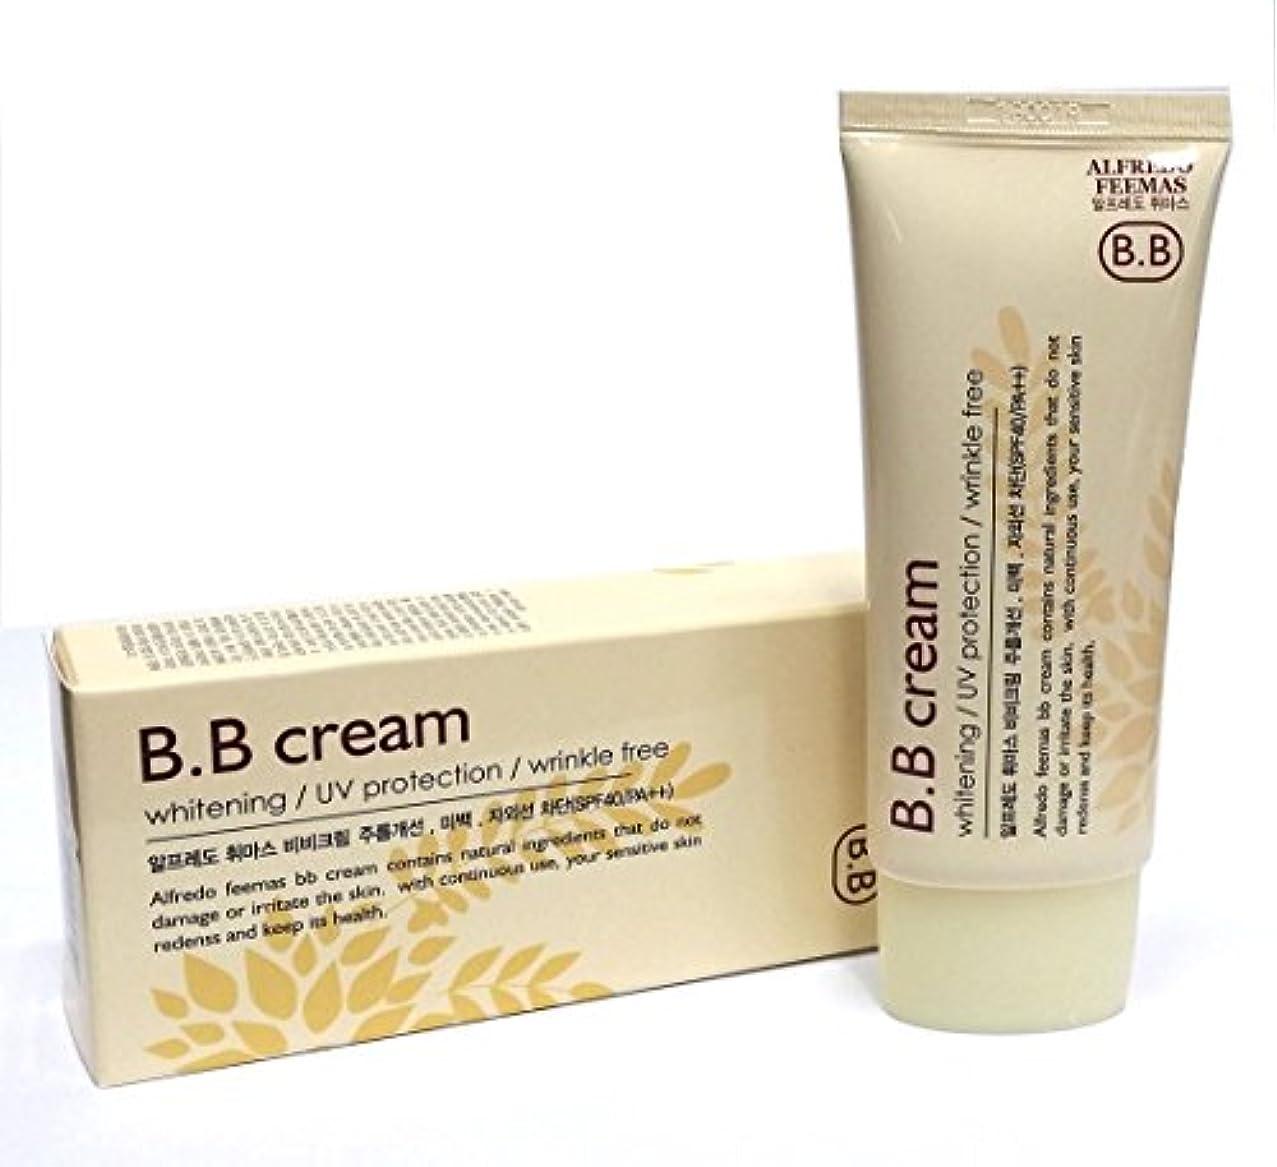 シャベル区画受信アルフレッドフェイマスBBクリーム50ml X 1ea / Alfredo feemas BB cream 50ml X 1ea / ホワイトニング、しわ、UVプロテクション(SPF40 PA ++)/ Whitening...